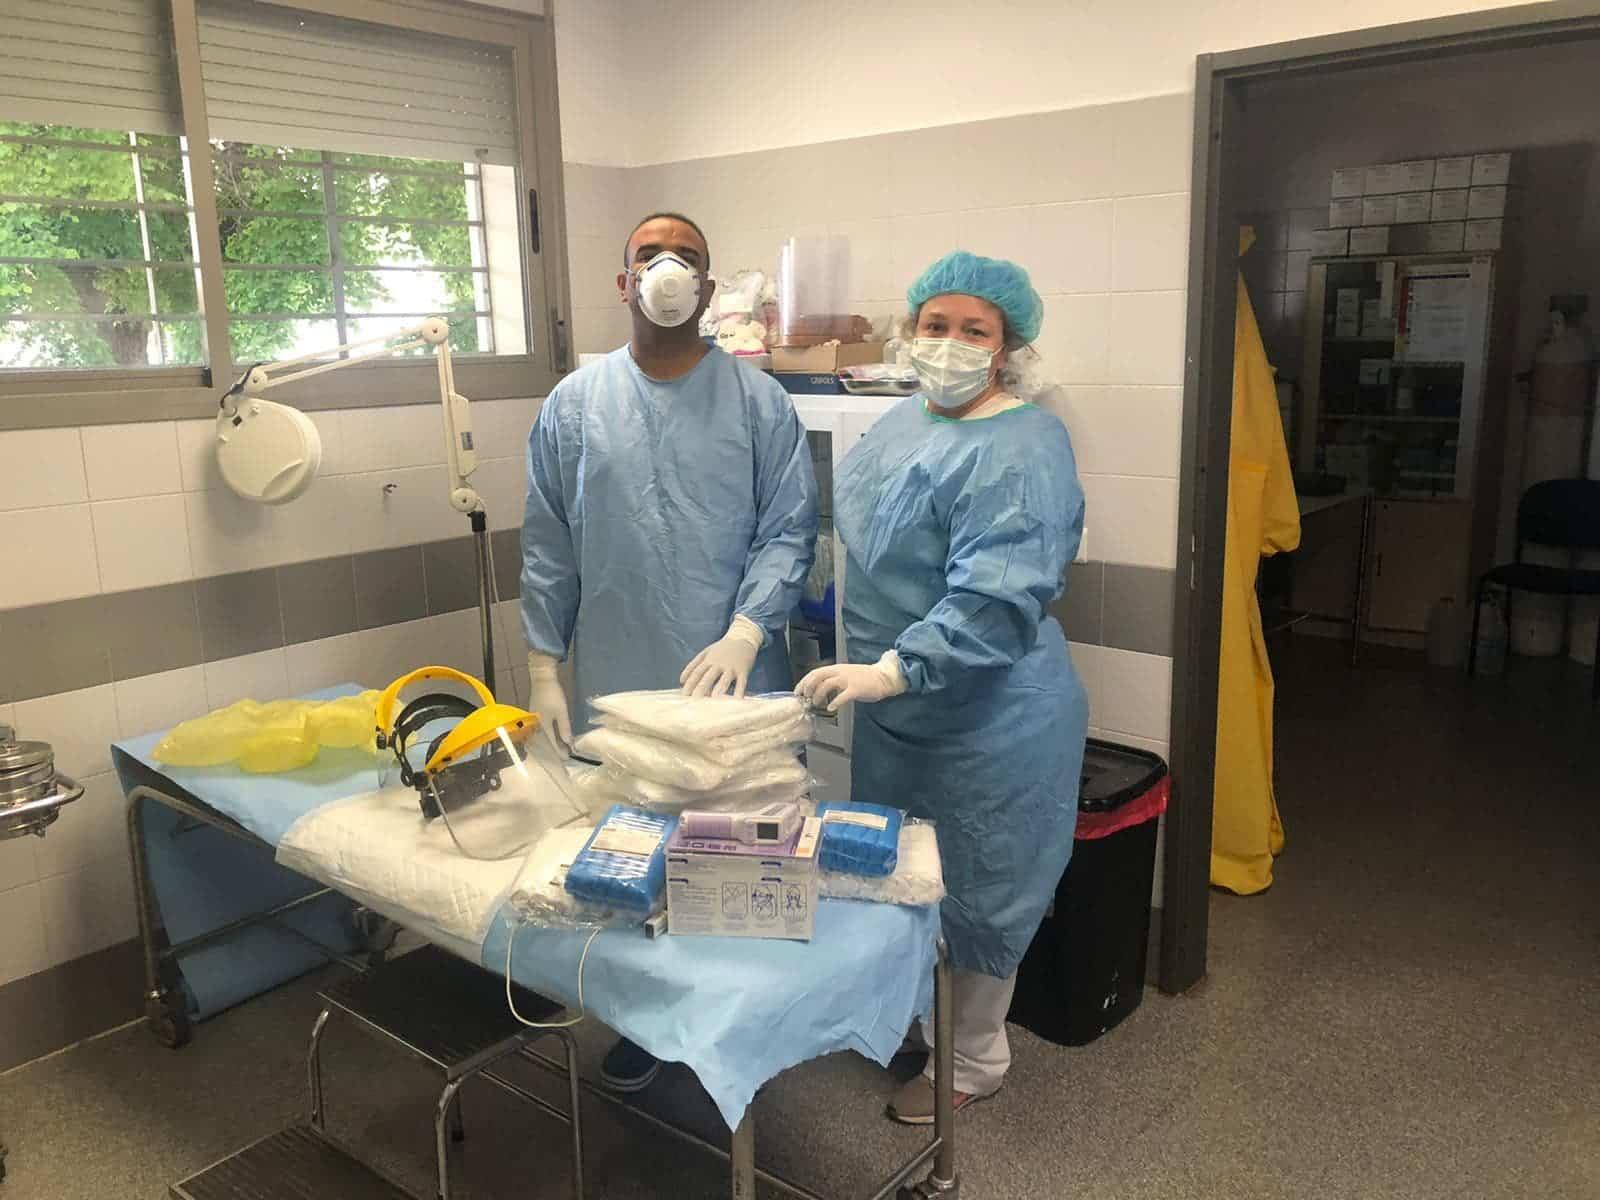 Ánthropos dota de material sanitario al Centro de Atención Primaria de Herencia 6